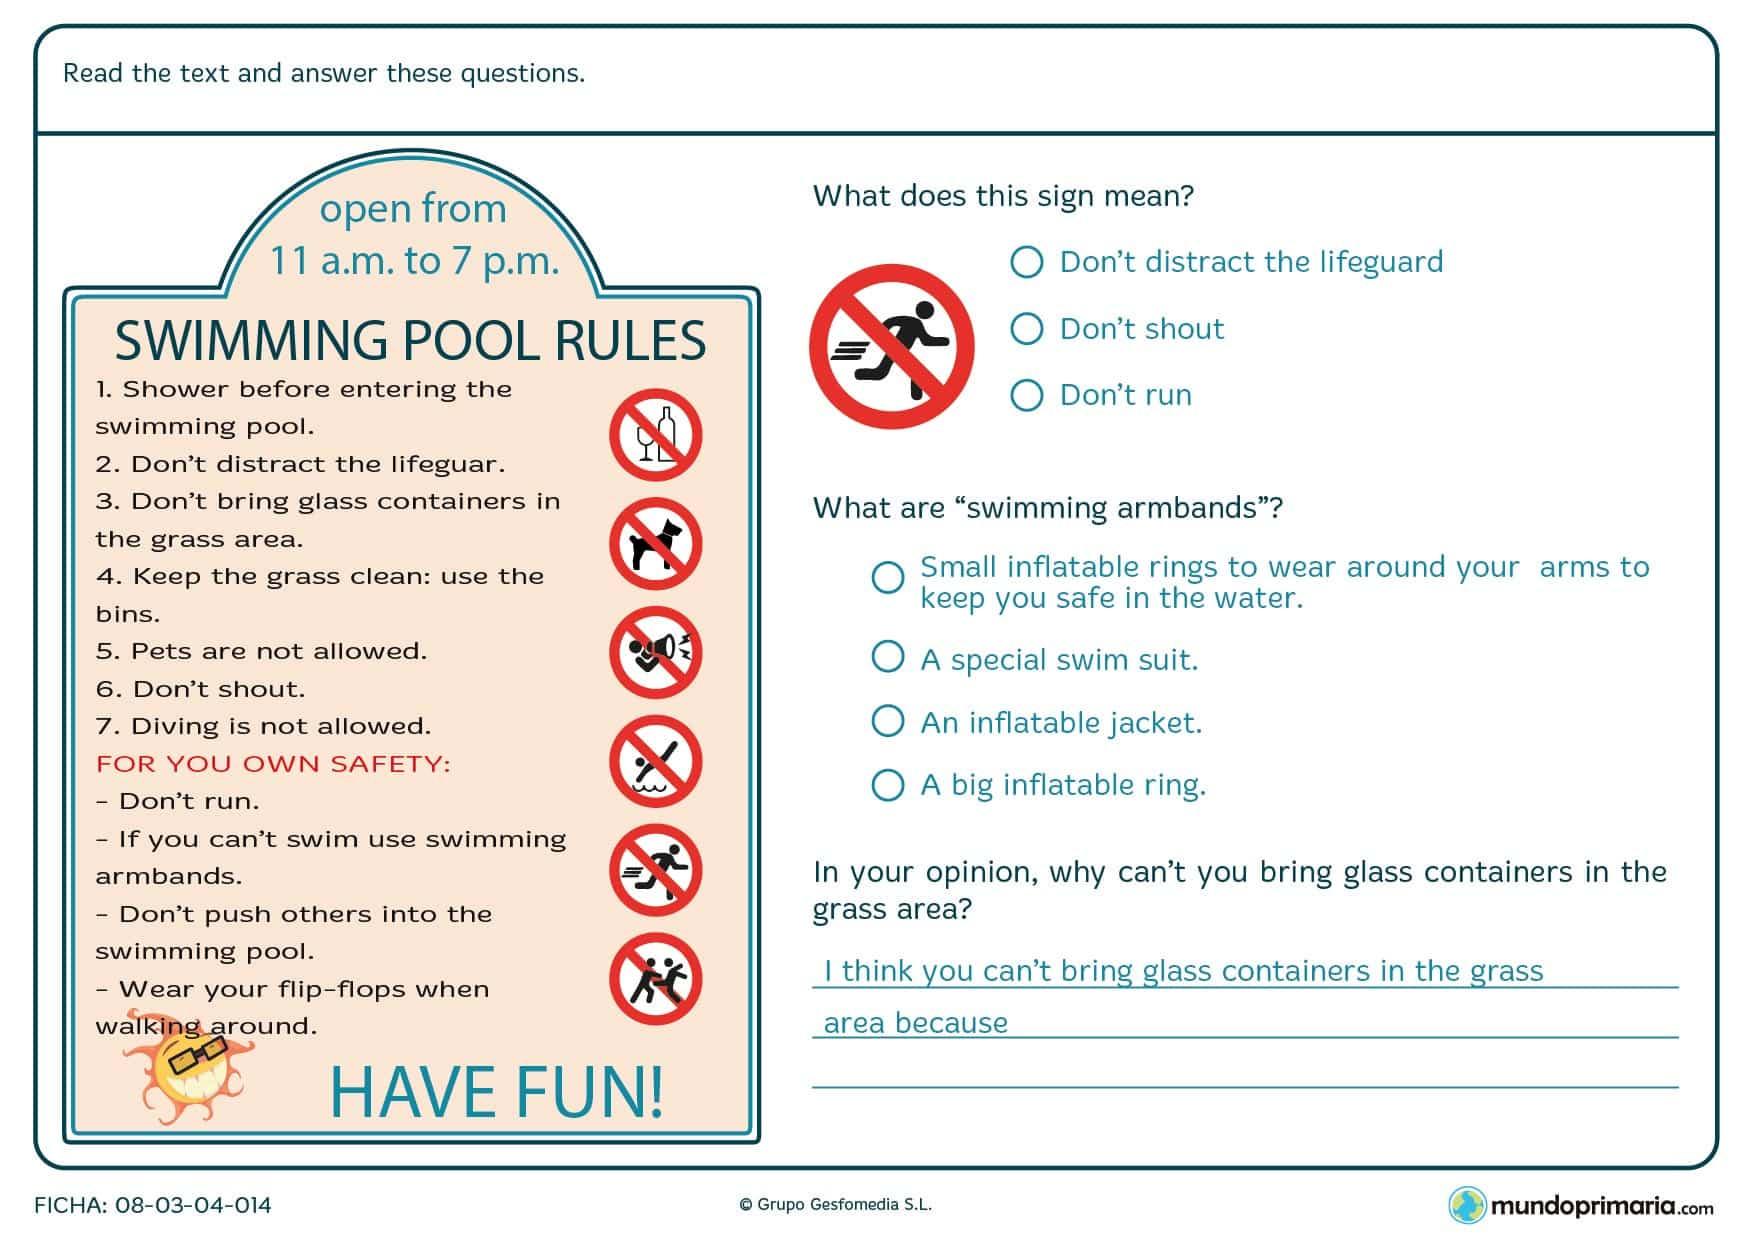 Responder a las preguntas del cartel de las normas de una piscina.